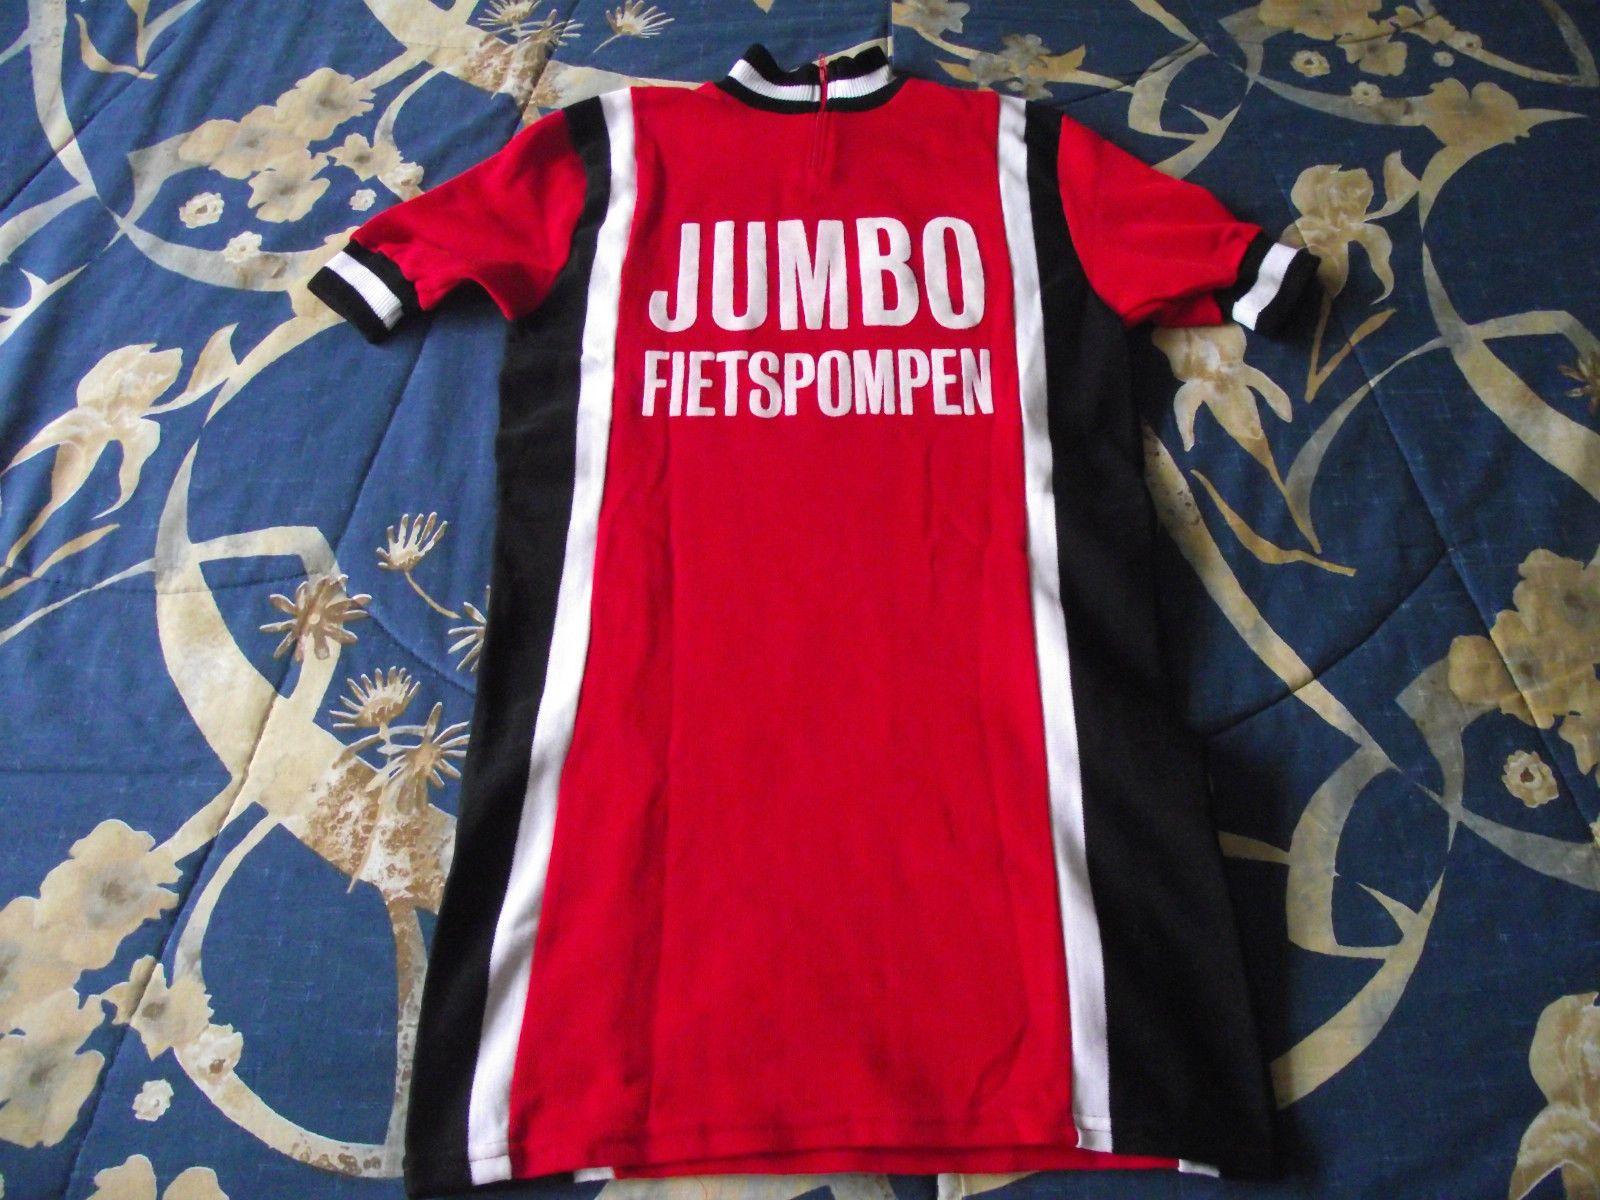 02ff0287c Vintage Enspo sportswear Jumbo Fietspompen Acrylic Cycling Jersey sz ...